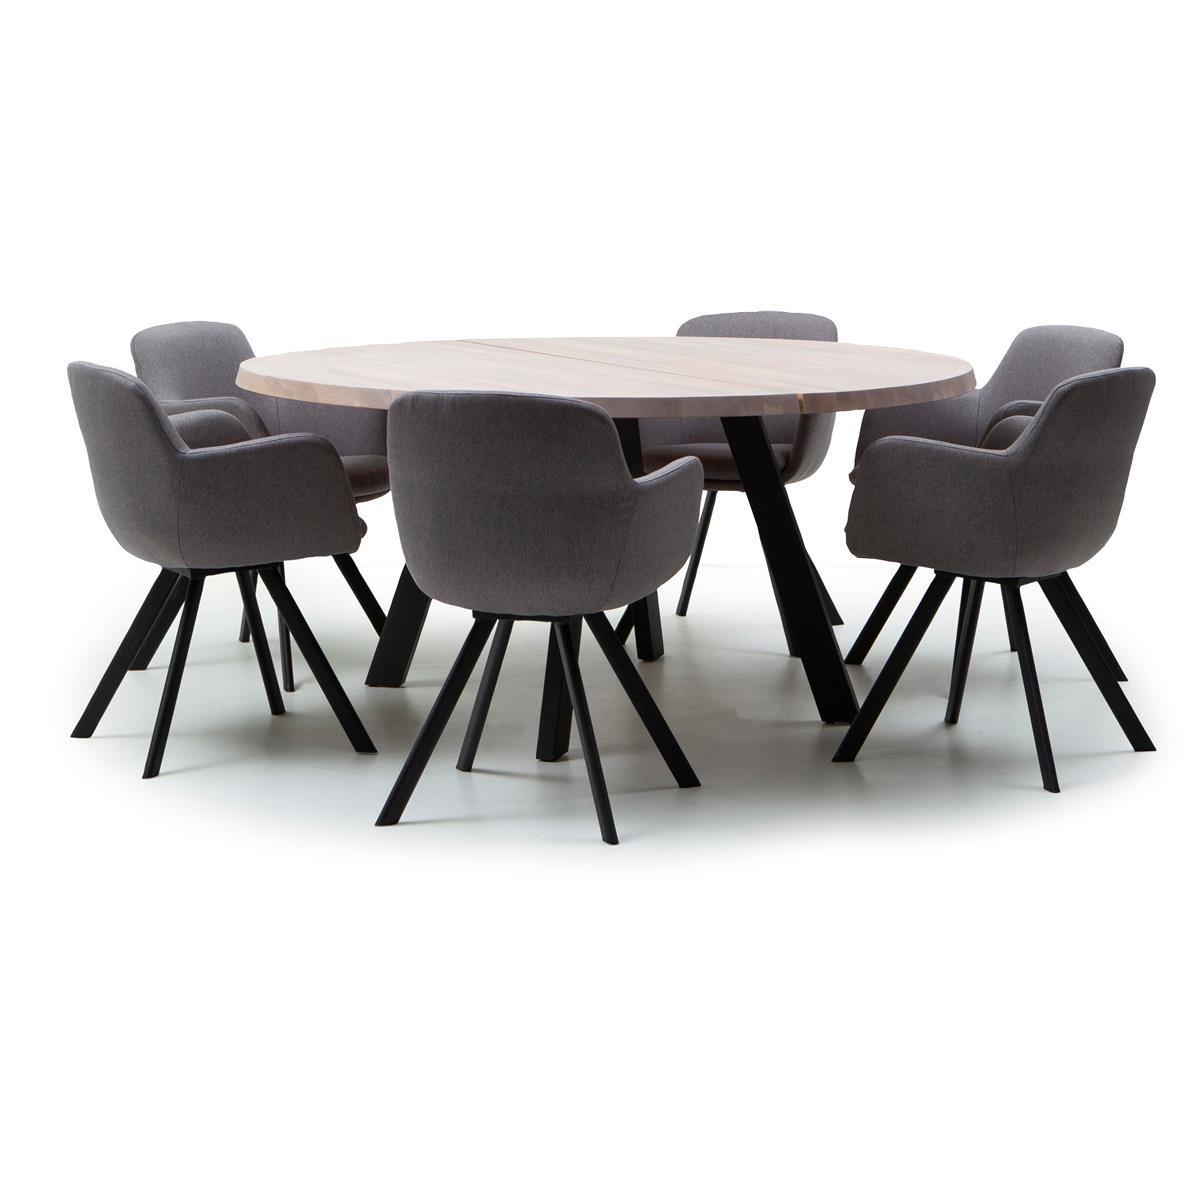 Fred-bord-westville-stol-grå-2